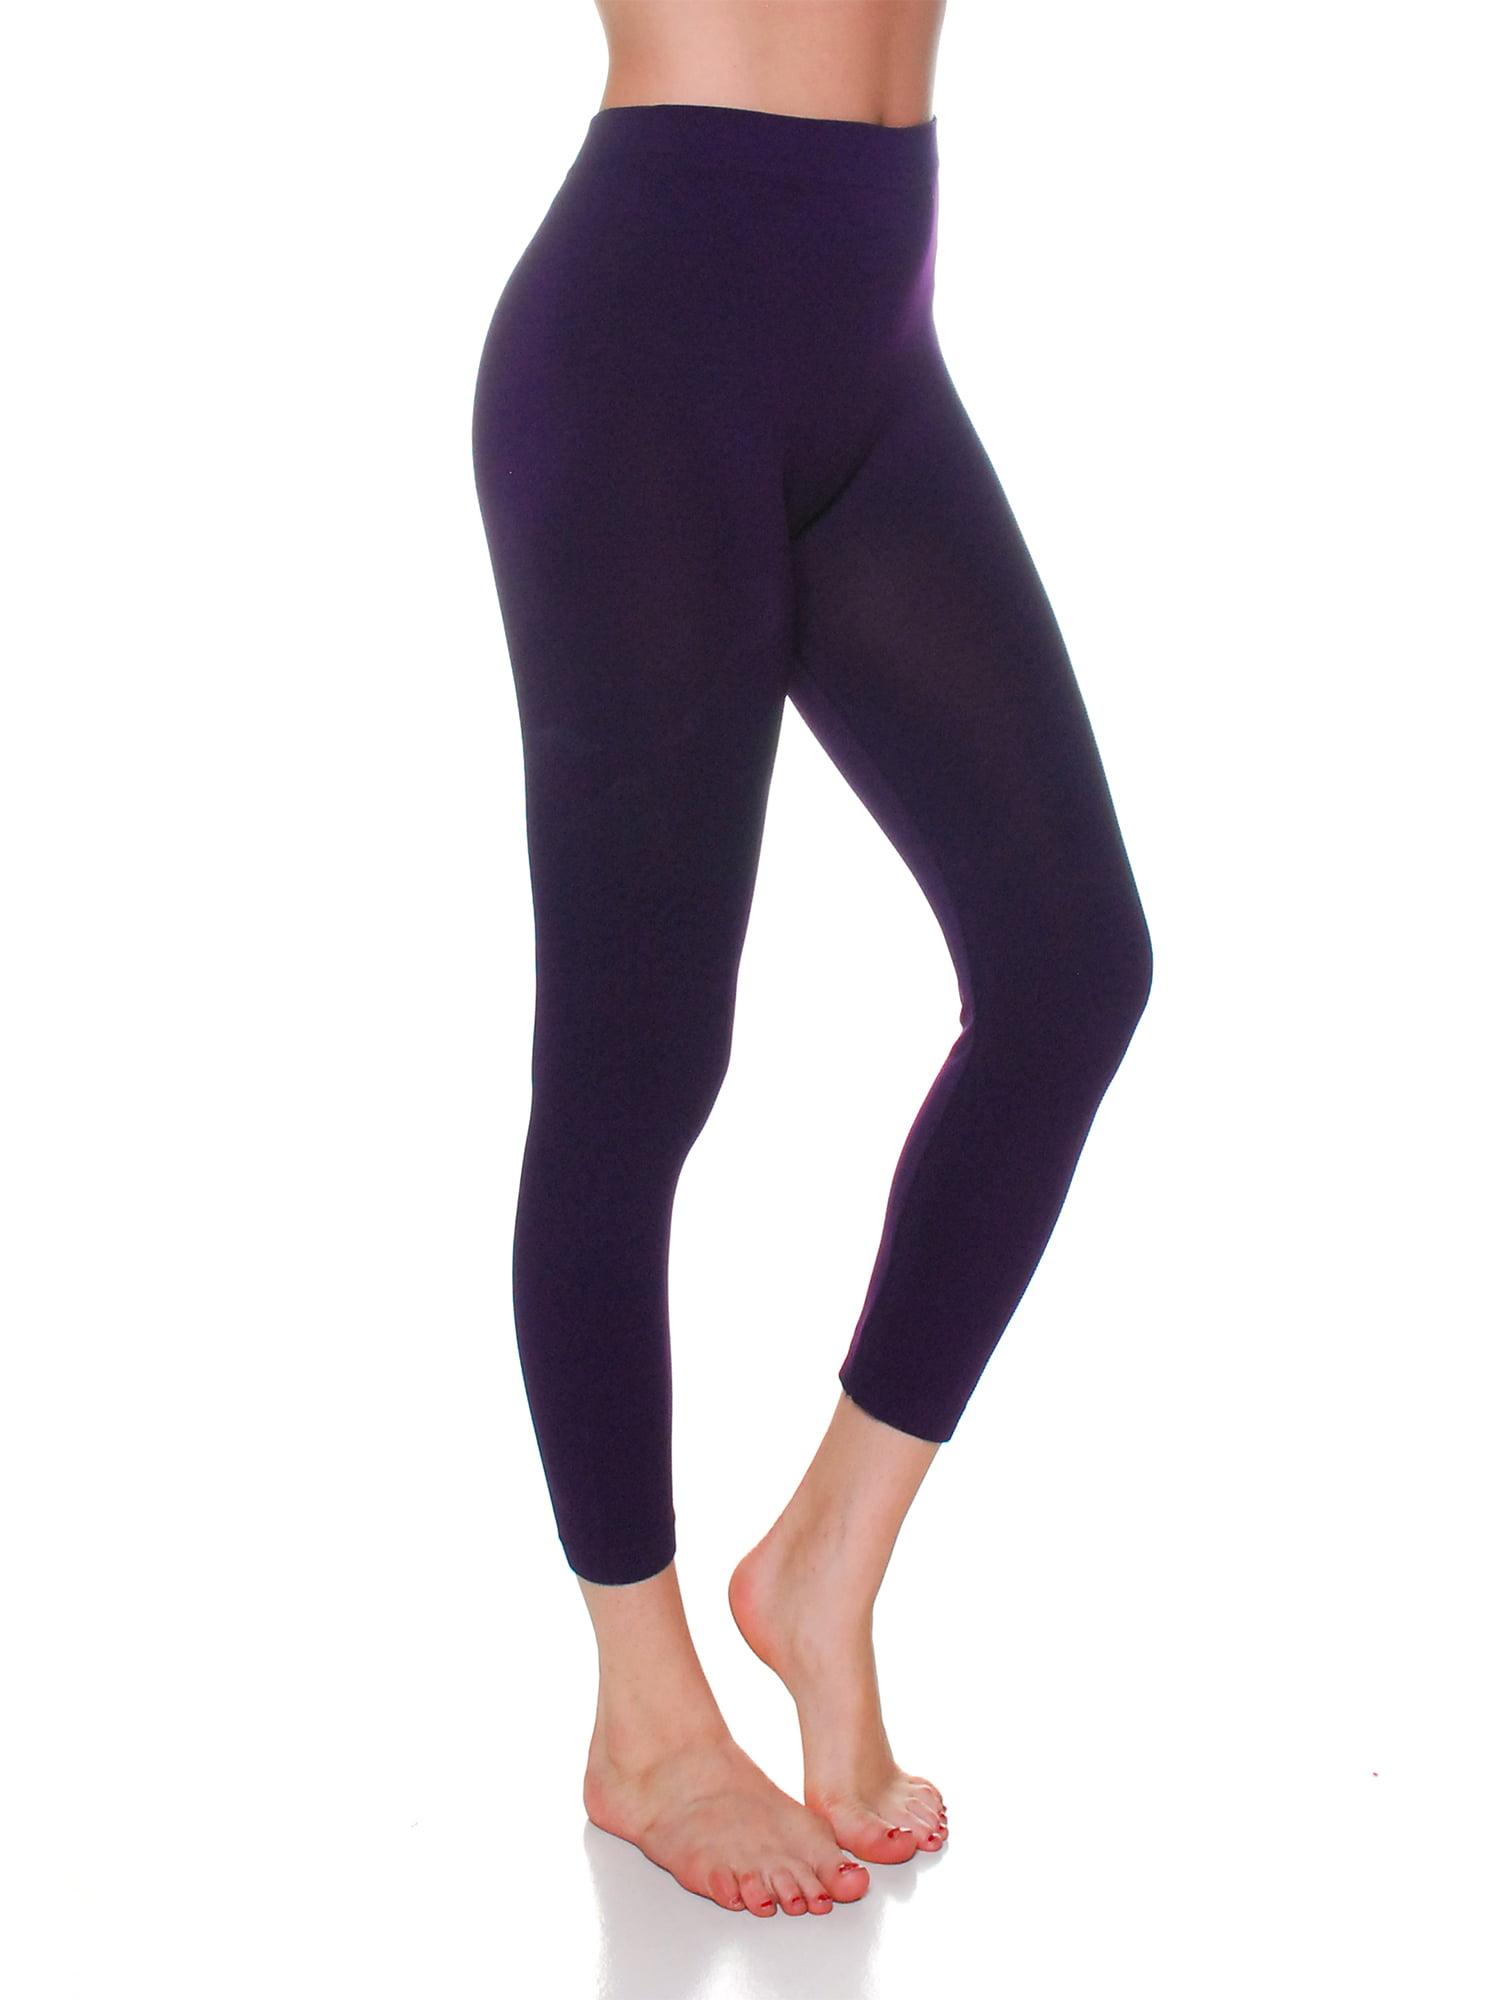 Essential Basic Women Active Athletic Capri Calf Seamless Legging, Junior - Plus Sizes